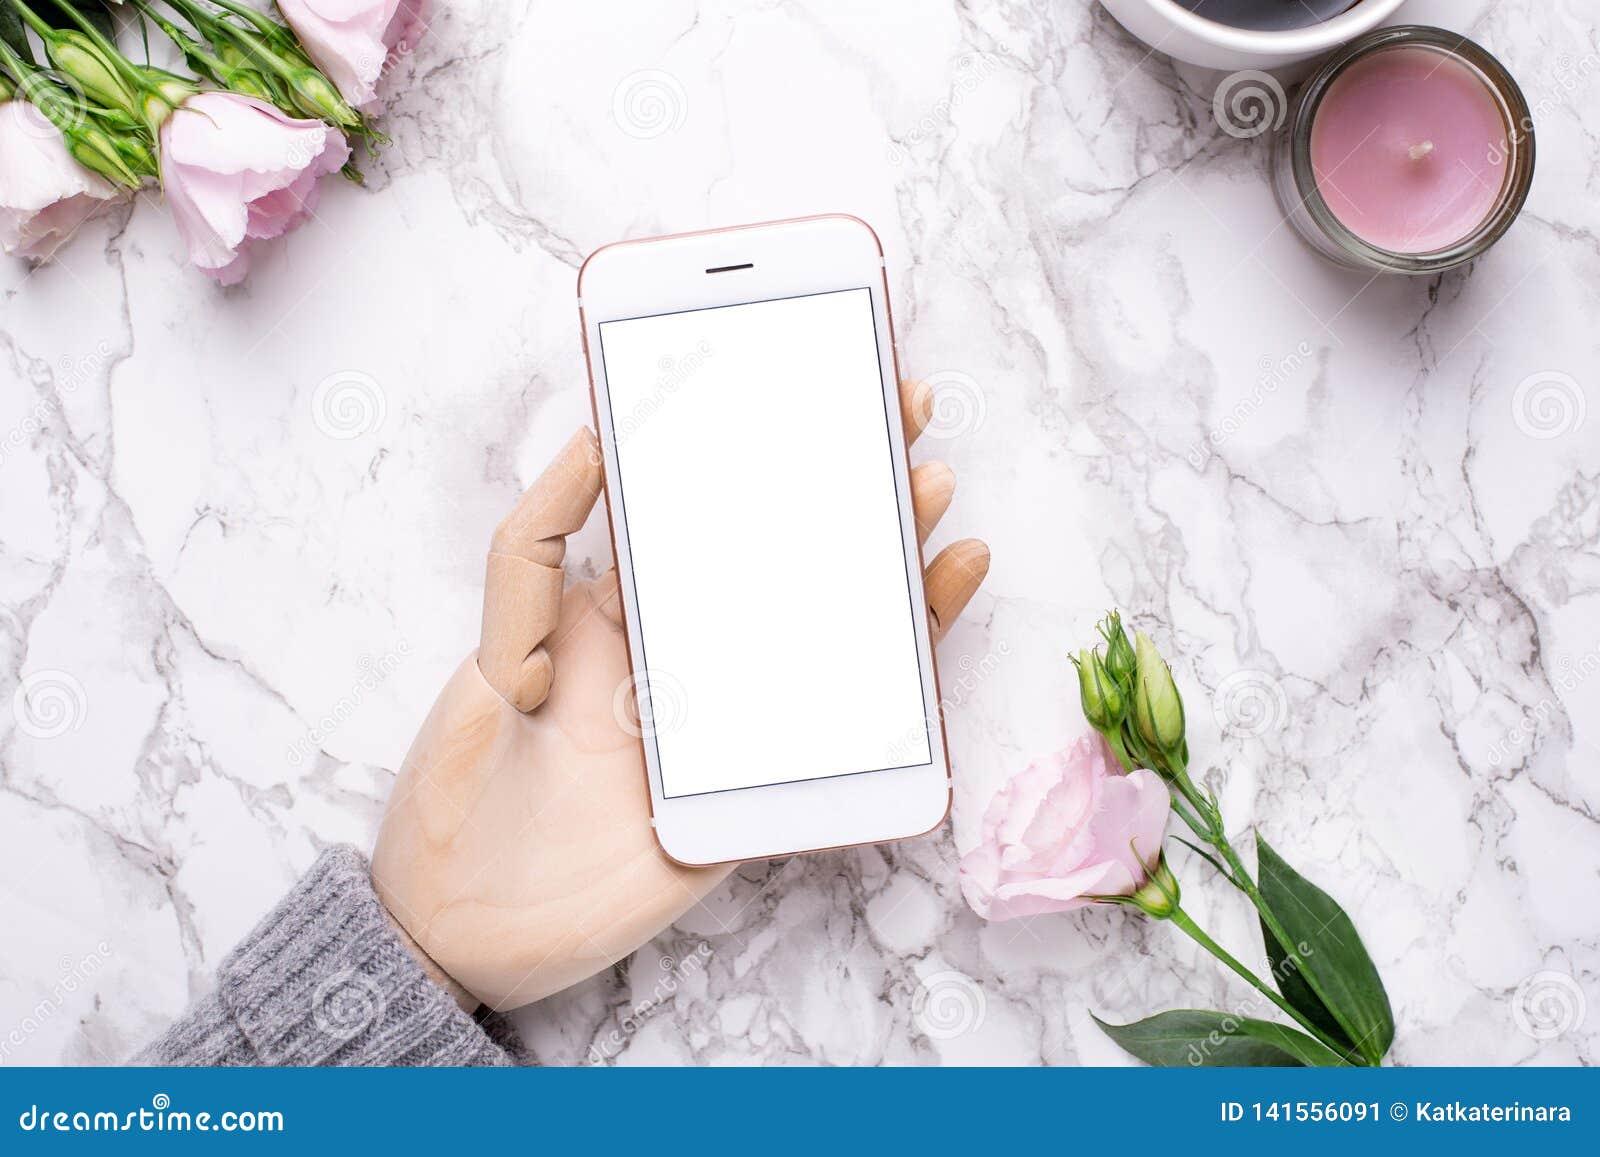 H?lzerne Hand mit Handy auf Marmorb?rohintergrund mit rosa Blumen